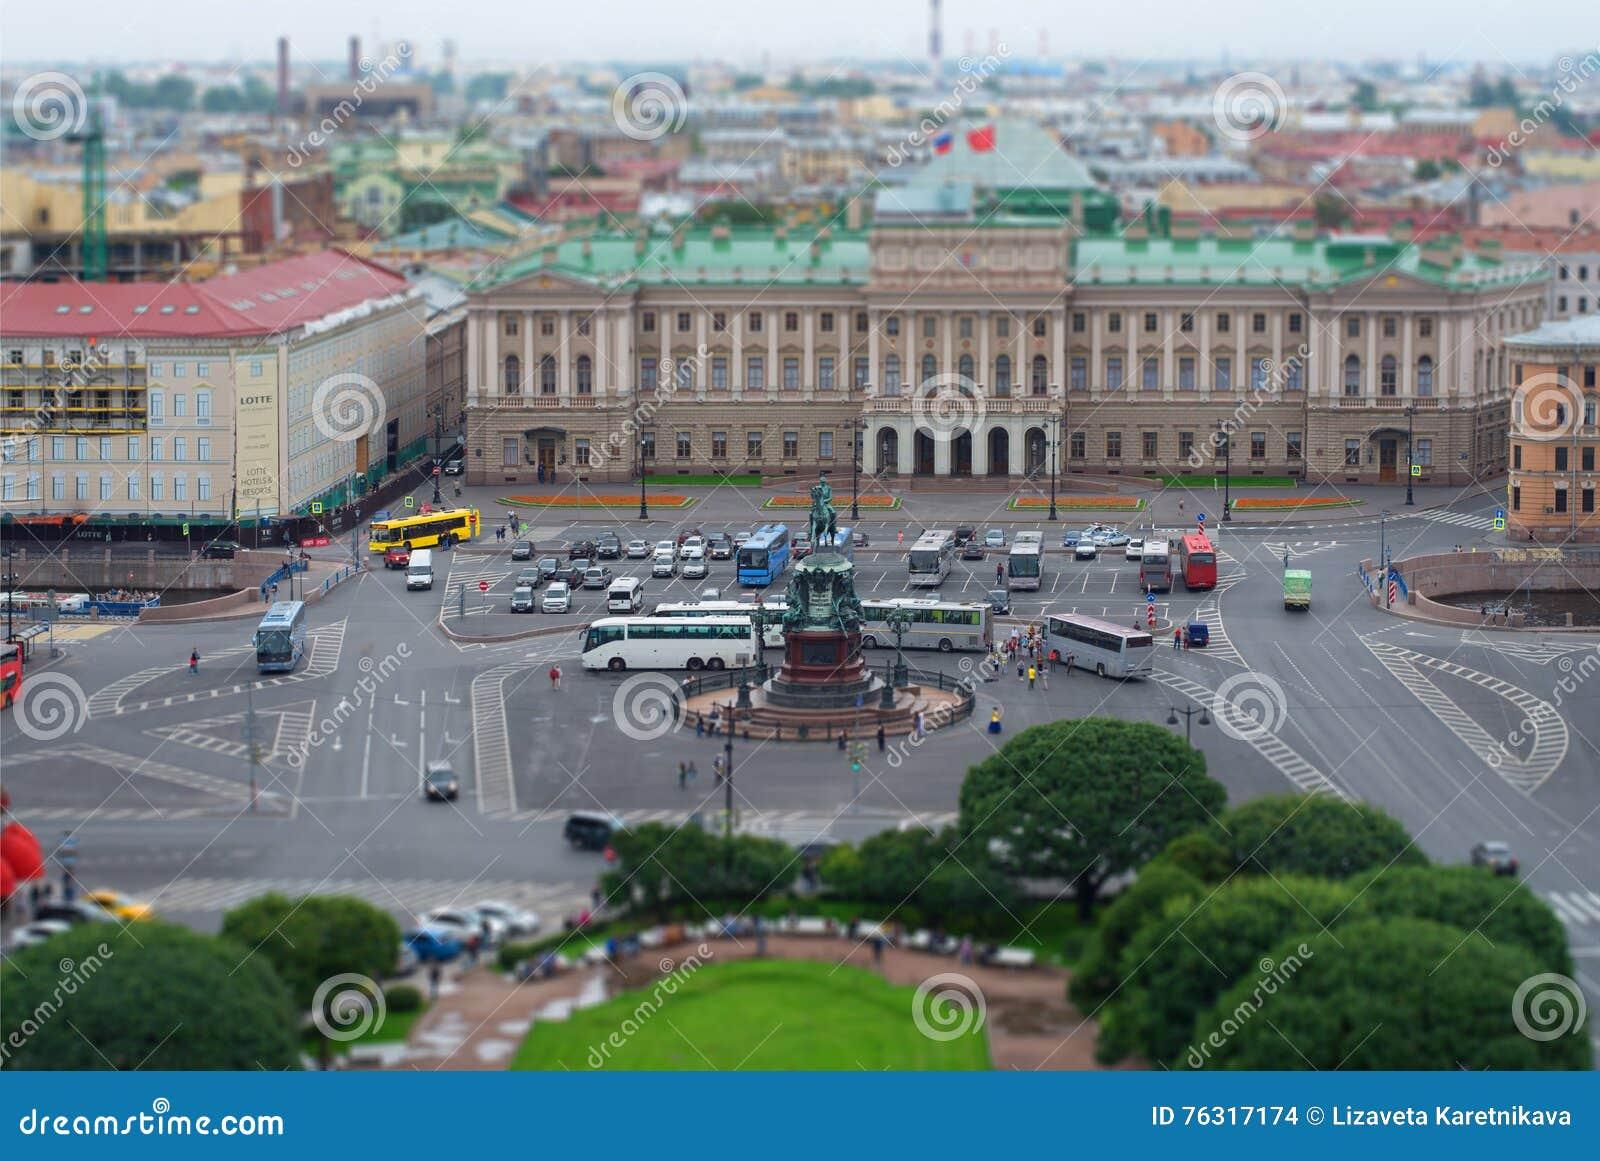 06 Augustus, 2016 - Panorama van het Vierkant van Heilige Isaac in St. Petersburg, Rusland